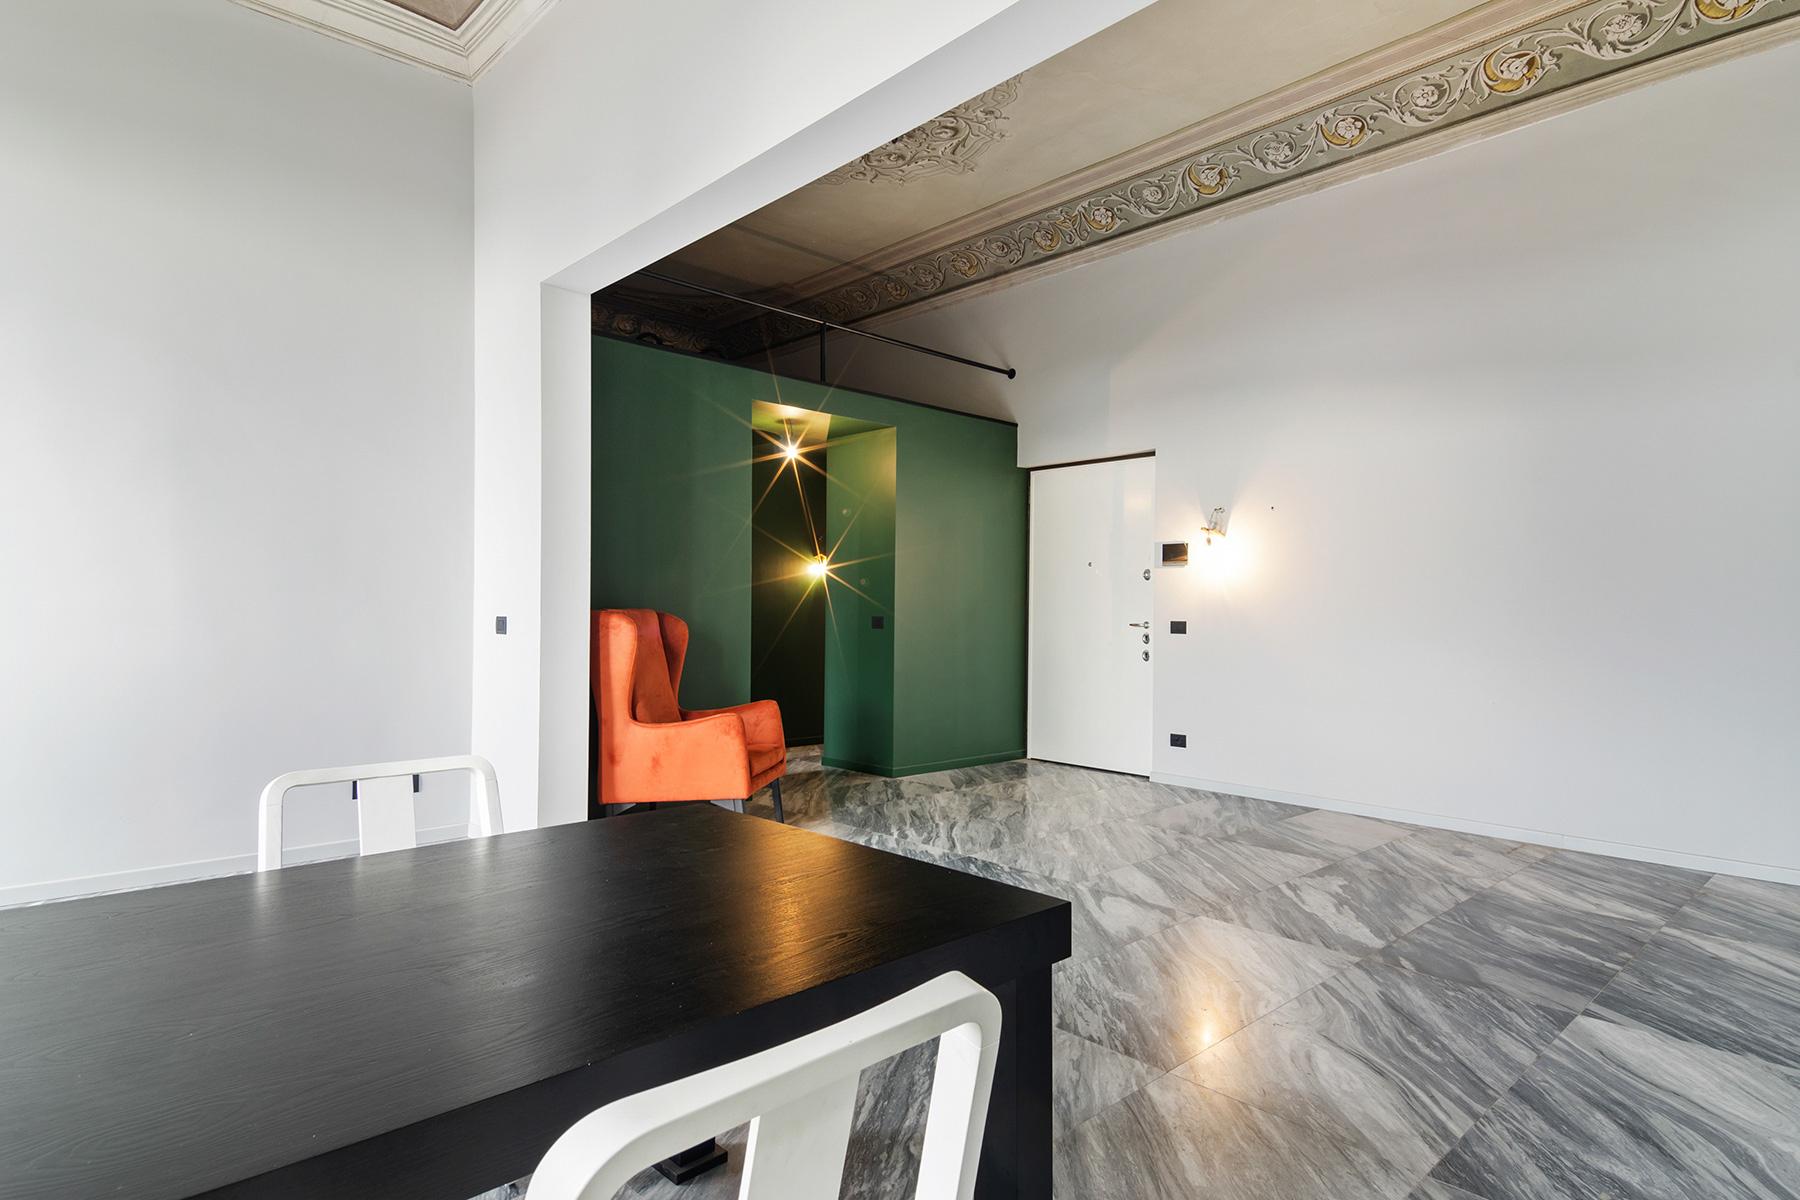 Appartamento in Vendita a Santa Margherita Ligure: 5 locali, 150 mq - Foto 7